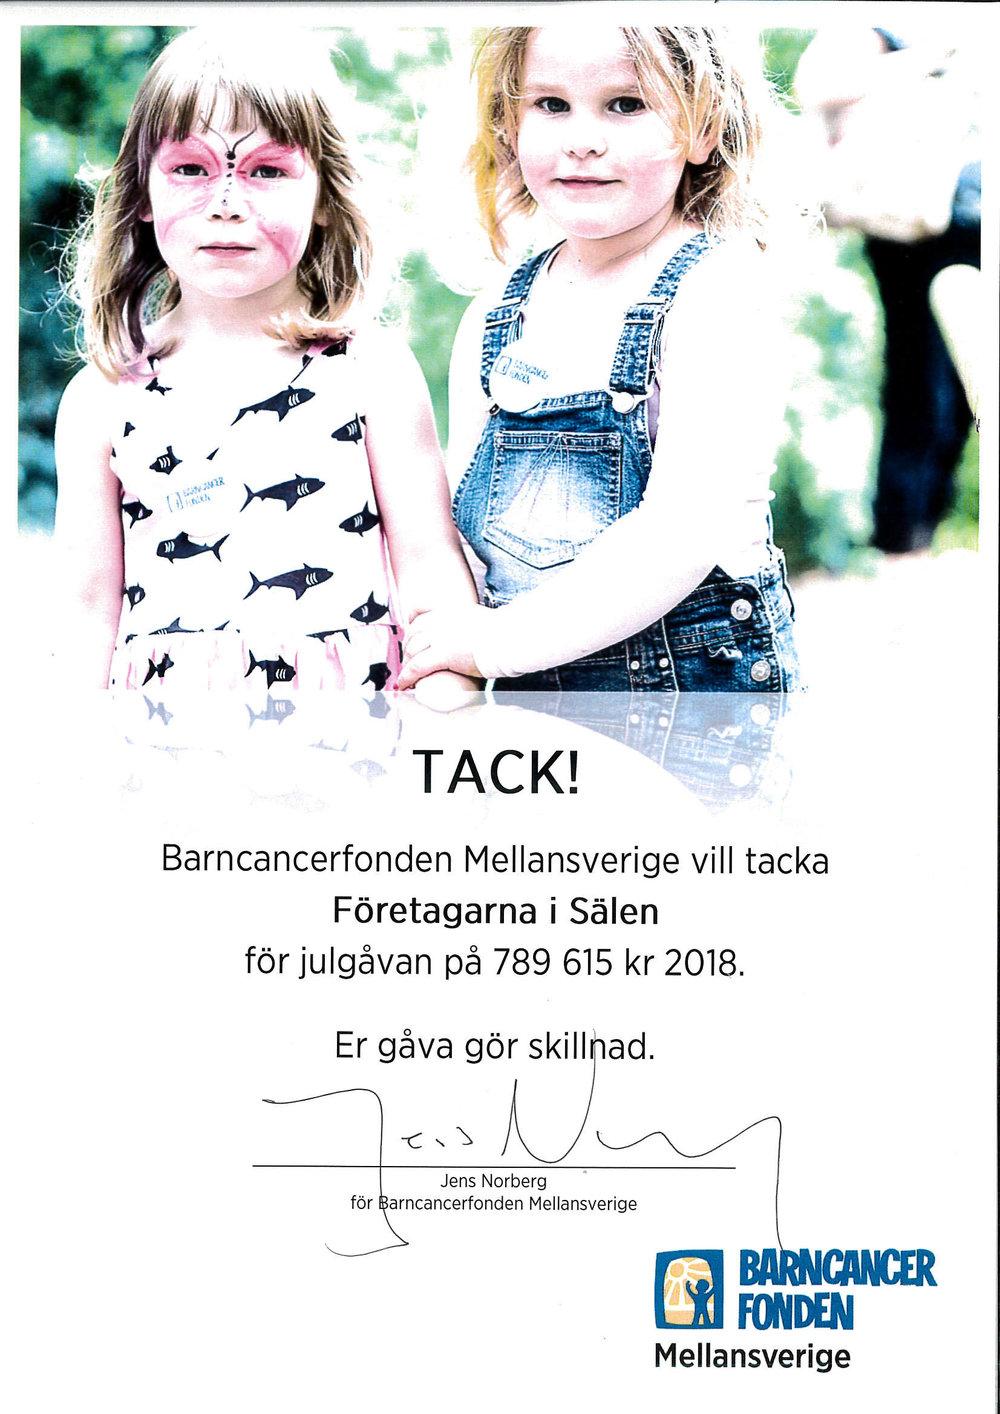 Stort tack! - Sälens Högfjällshotell vill tacka alla företag i Sälen som har bidragit till vår insamling till Barncancerfonden.